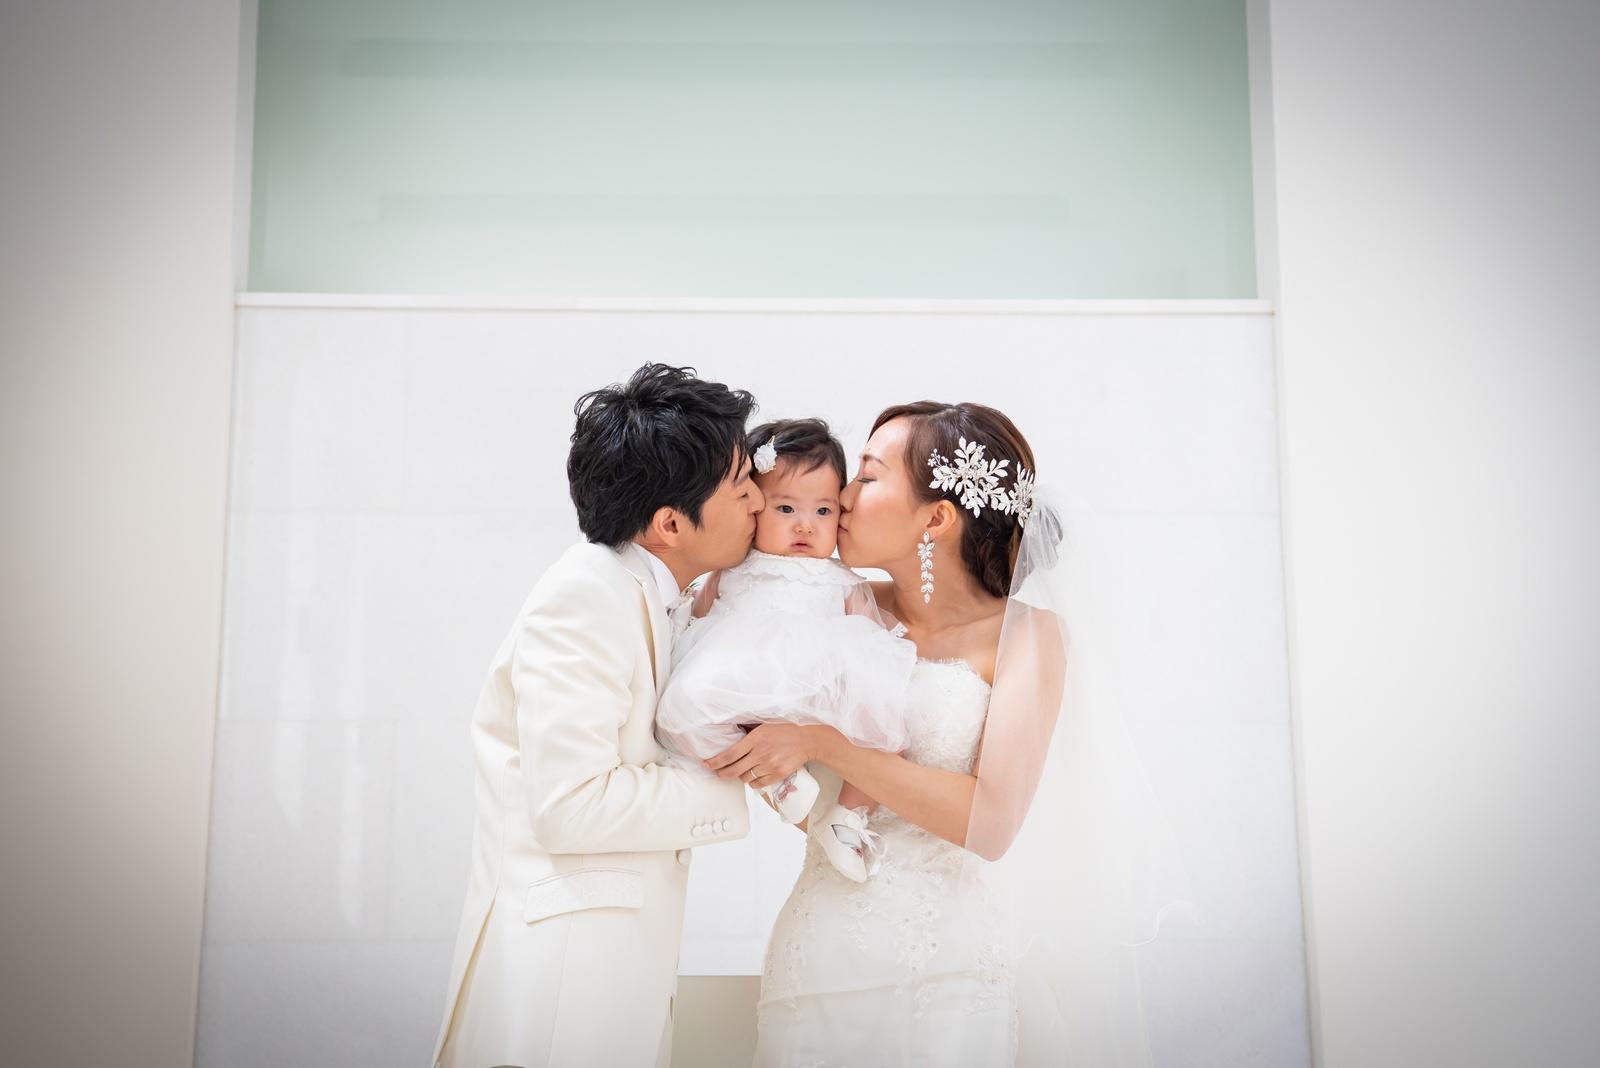 徳島市の結婚式場ブランアンジュでお子様をはさんで誓いのキスを交わす新郎新婦